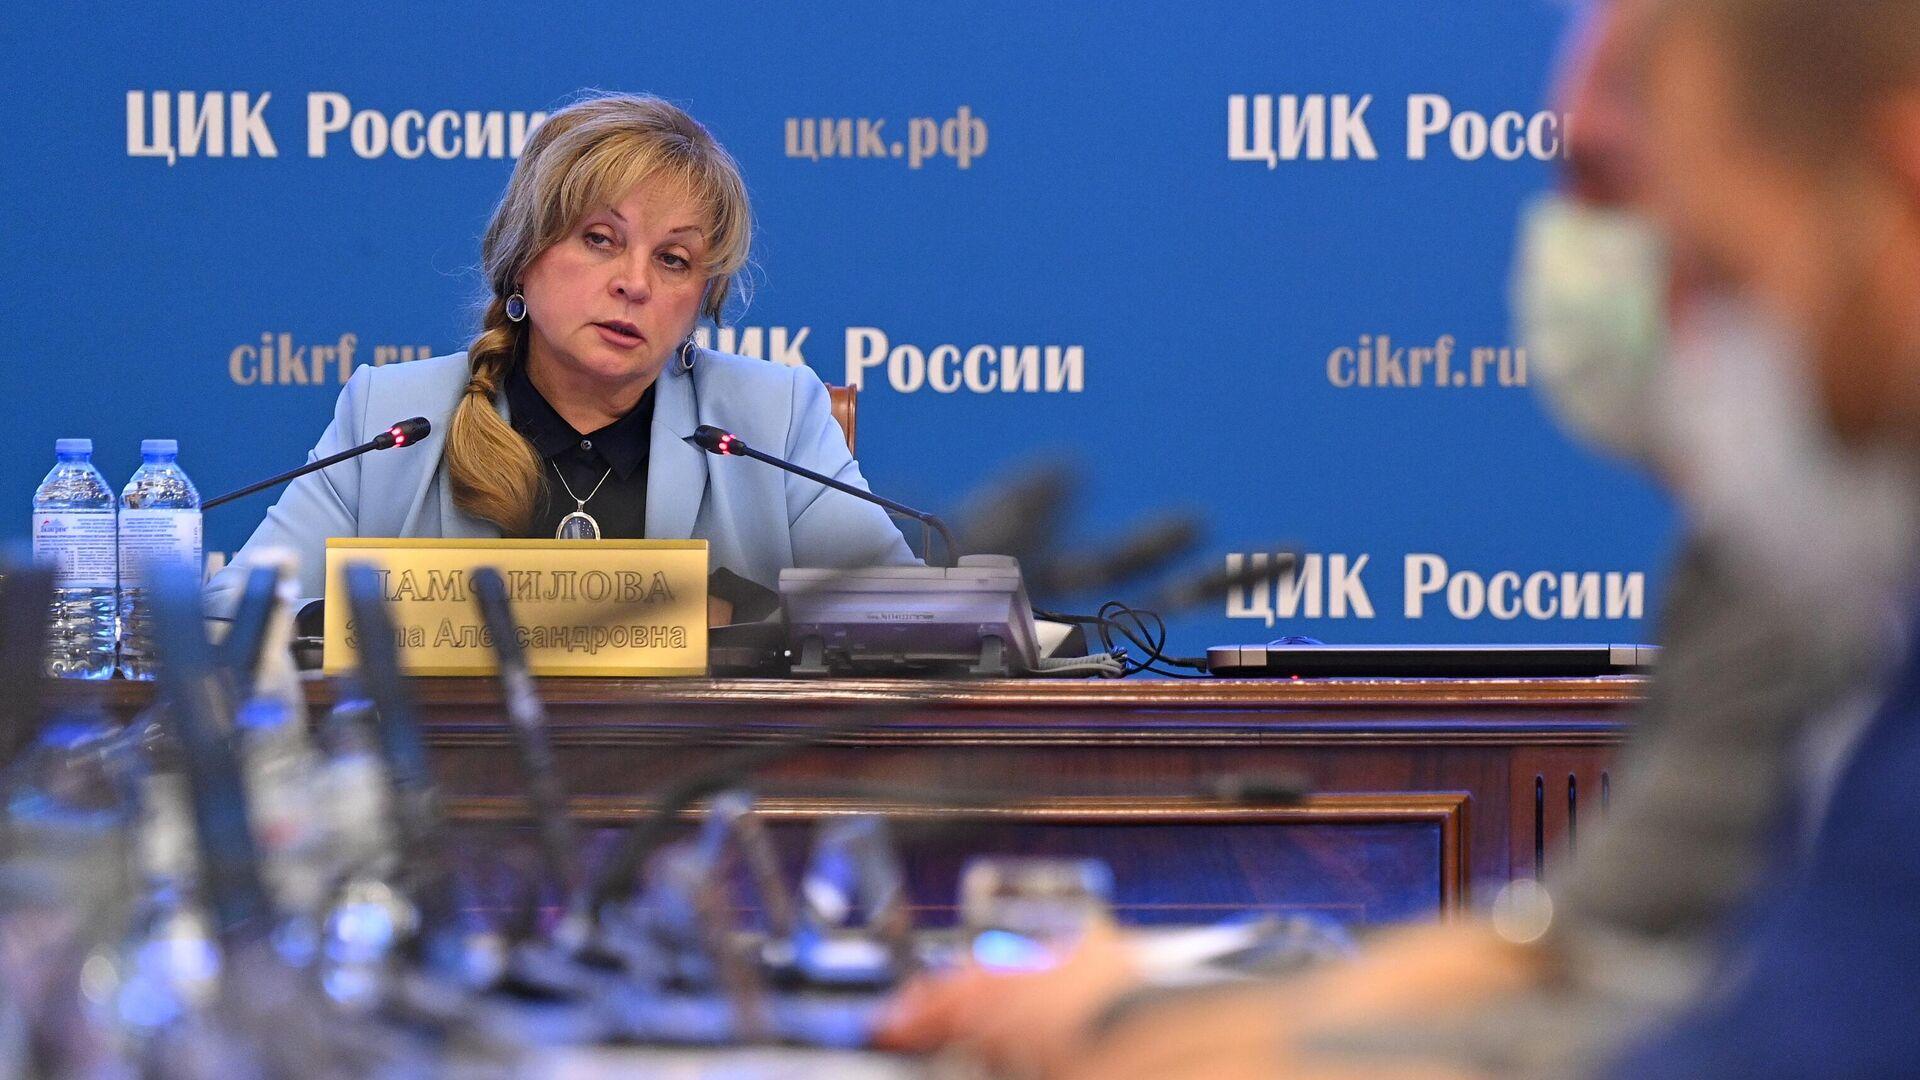 Председатель ЦИК Элла Памфилова: количество политических партий фактически сократилось до 30